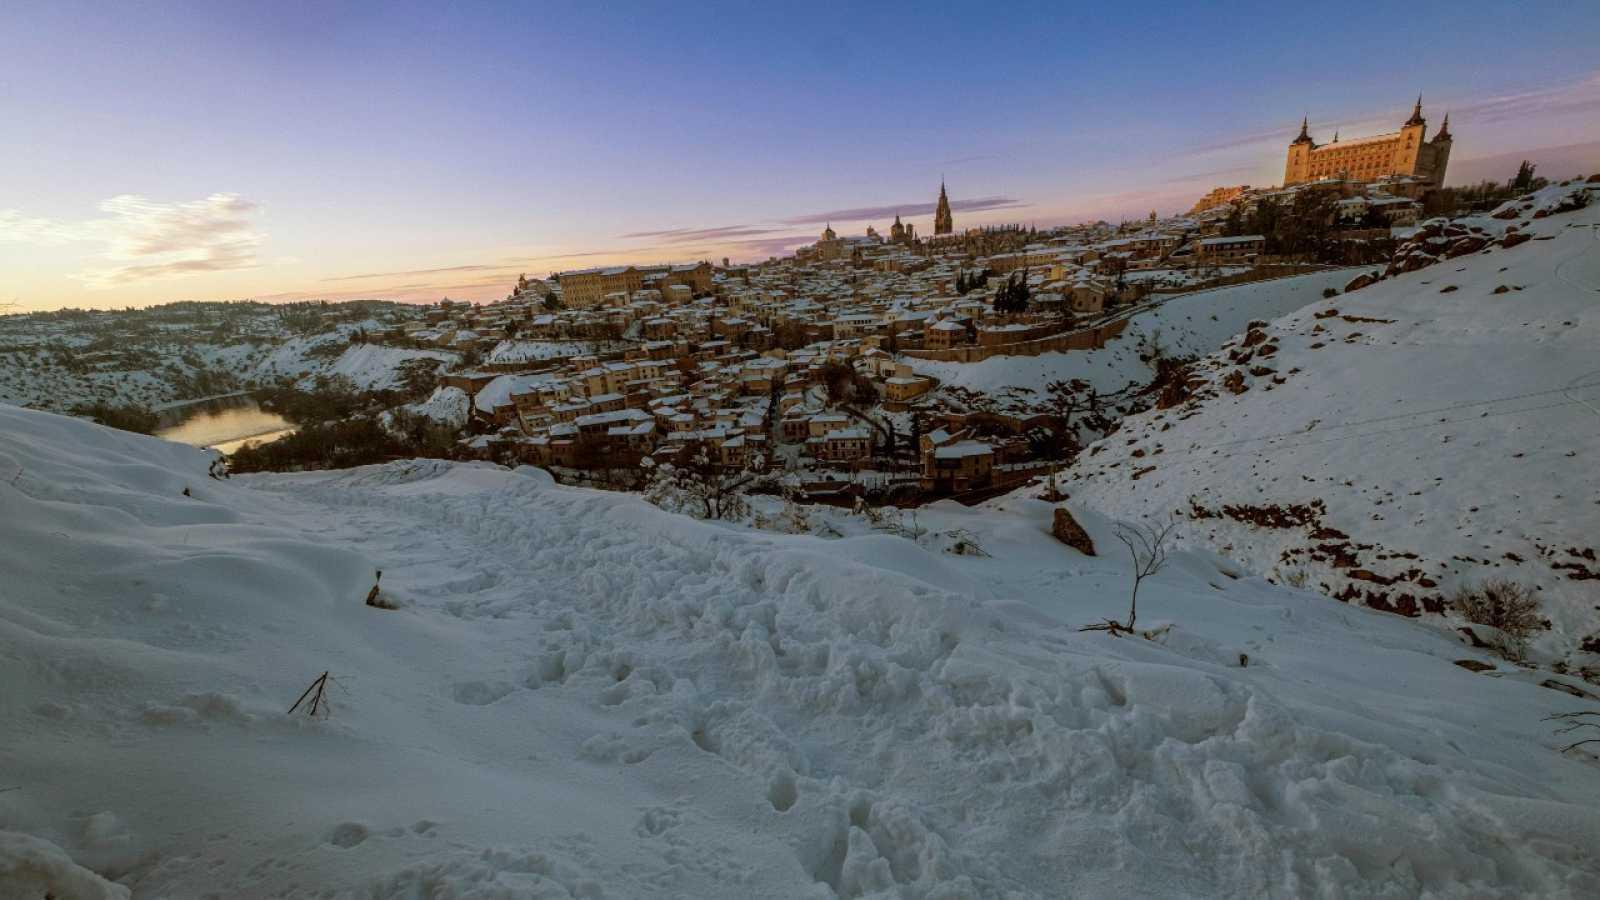 Vista general de la ciudad de Toledo tras el paso de la borrasca Filomena